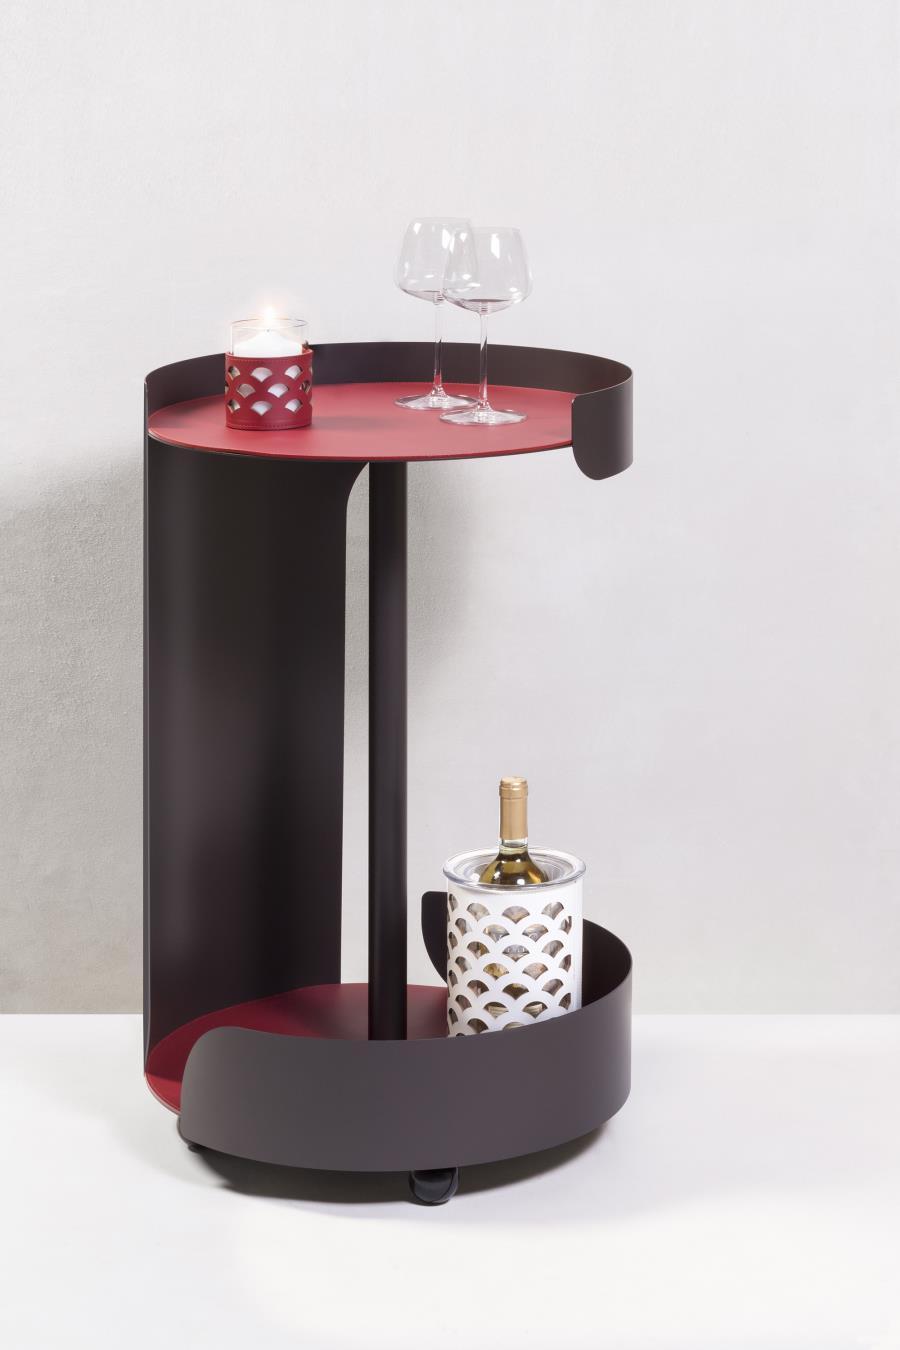 GIOBAGNARA/POLO TROLLEY TWO LEVELS OVALサイドテーブル